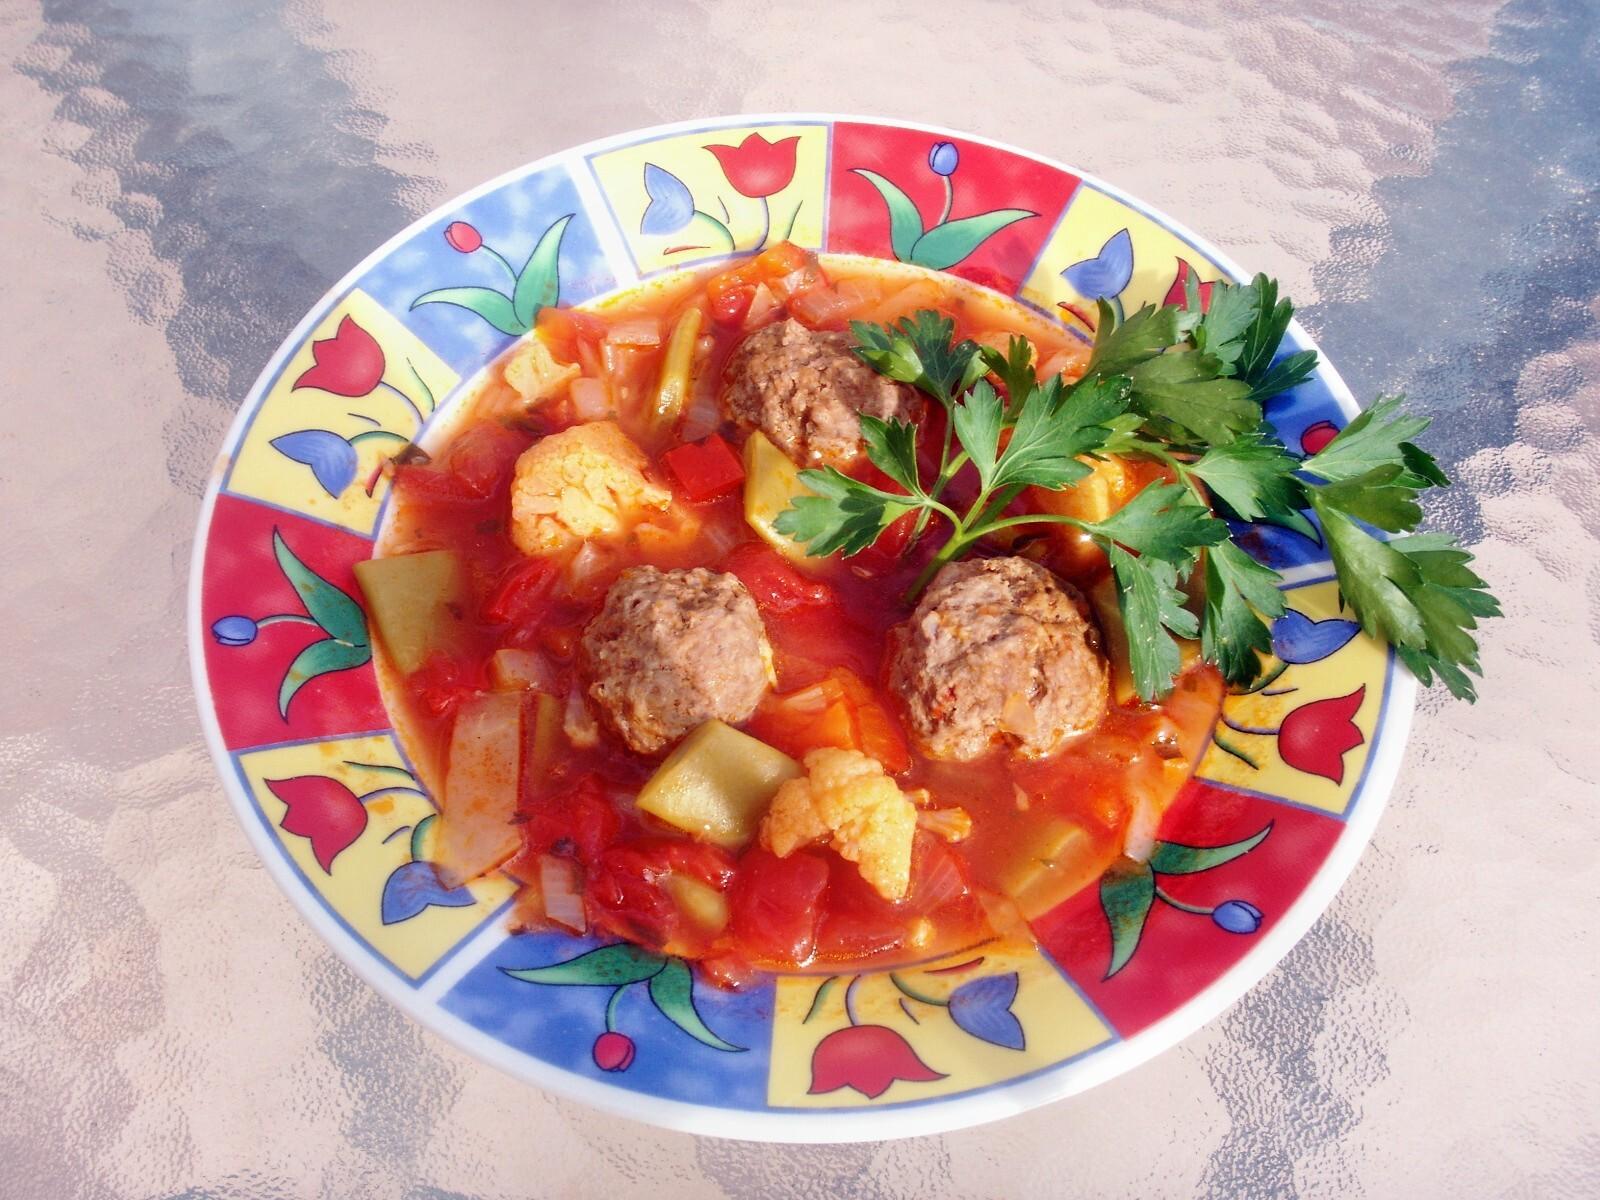 Smarrig dietsoppa med kryddiga frikadeller